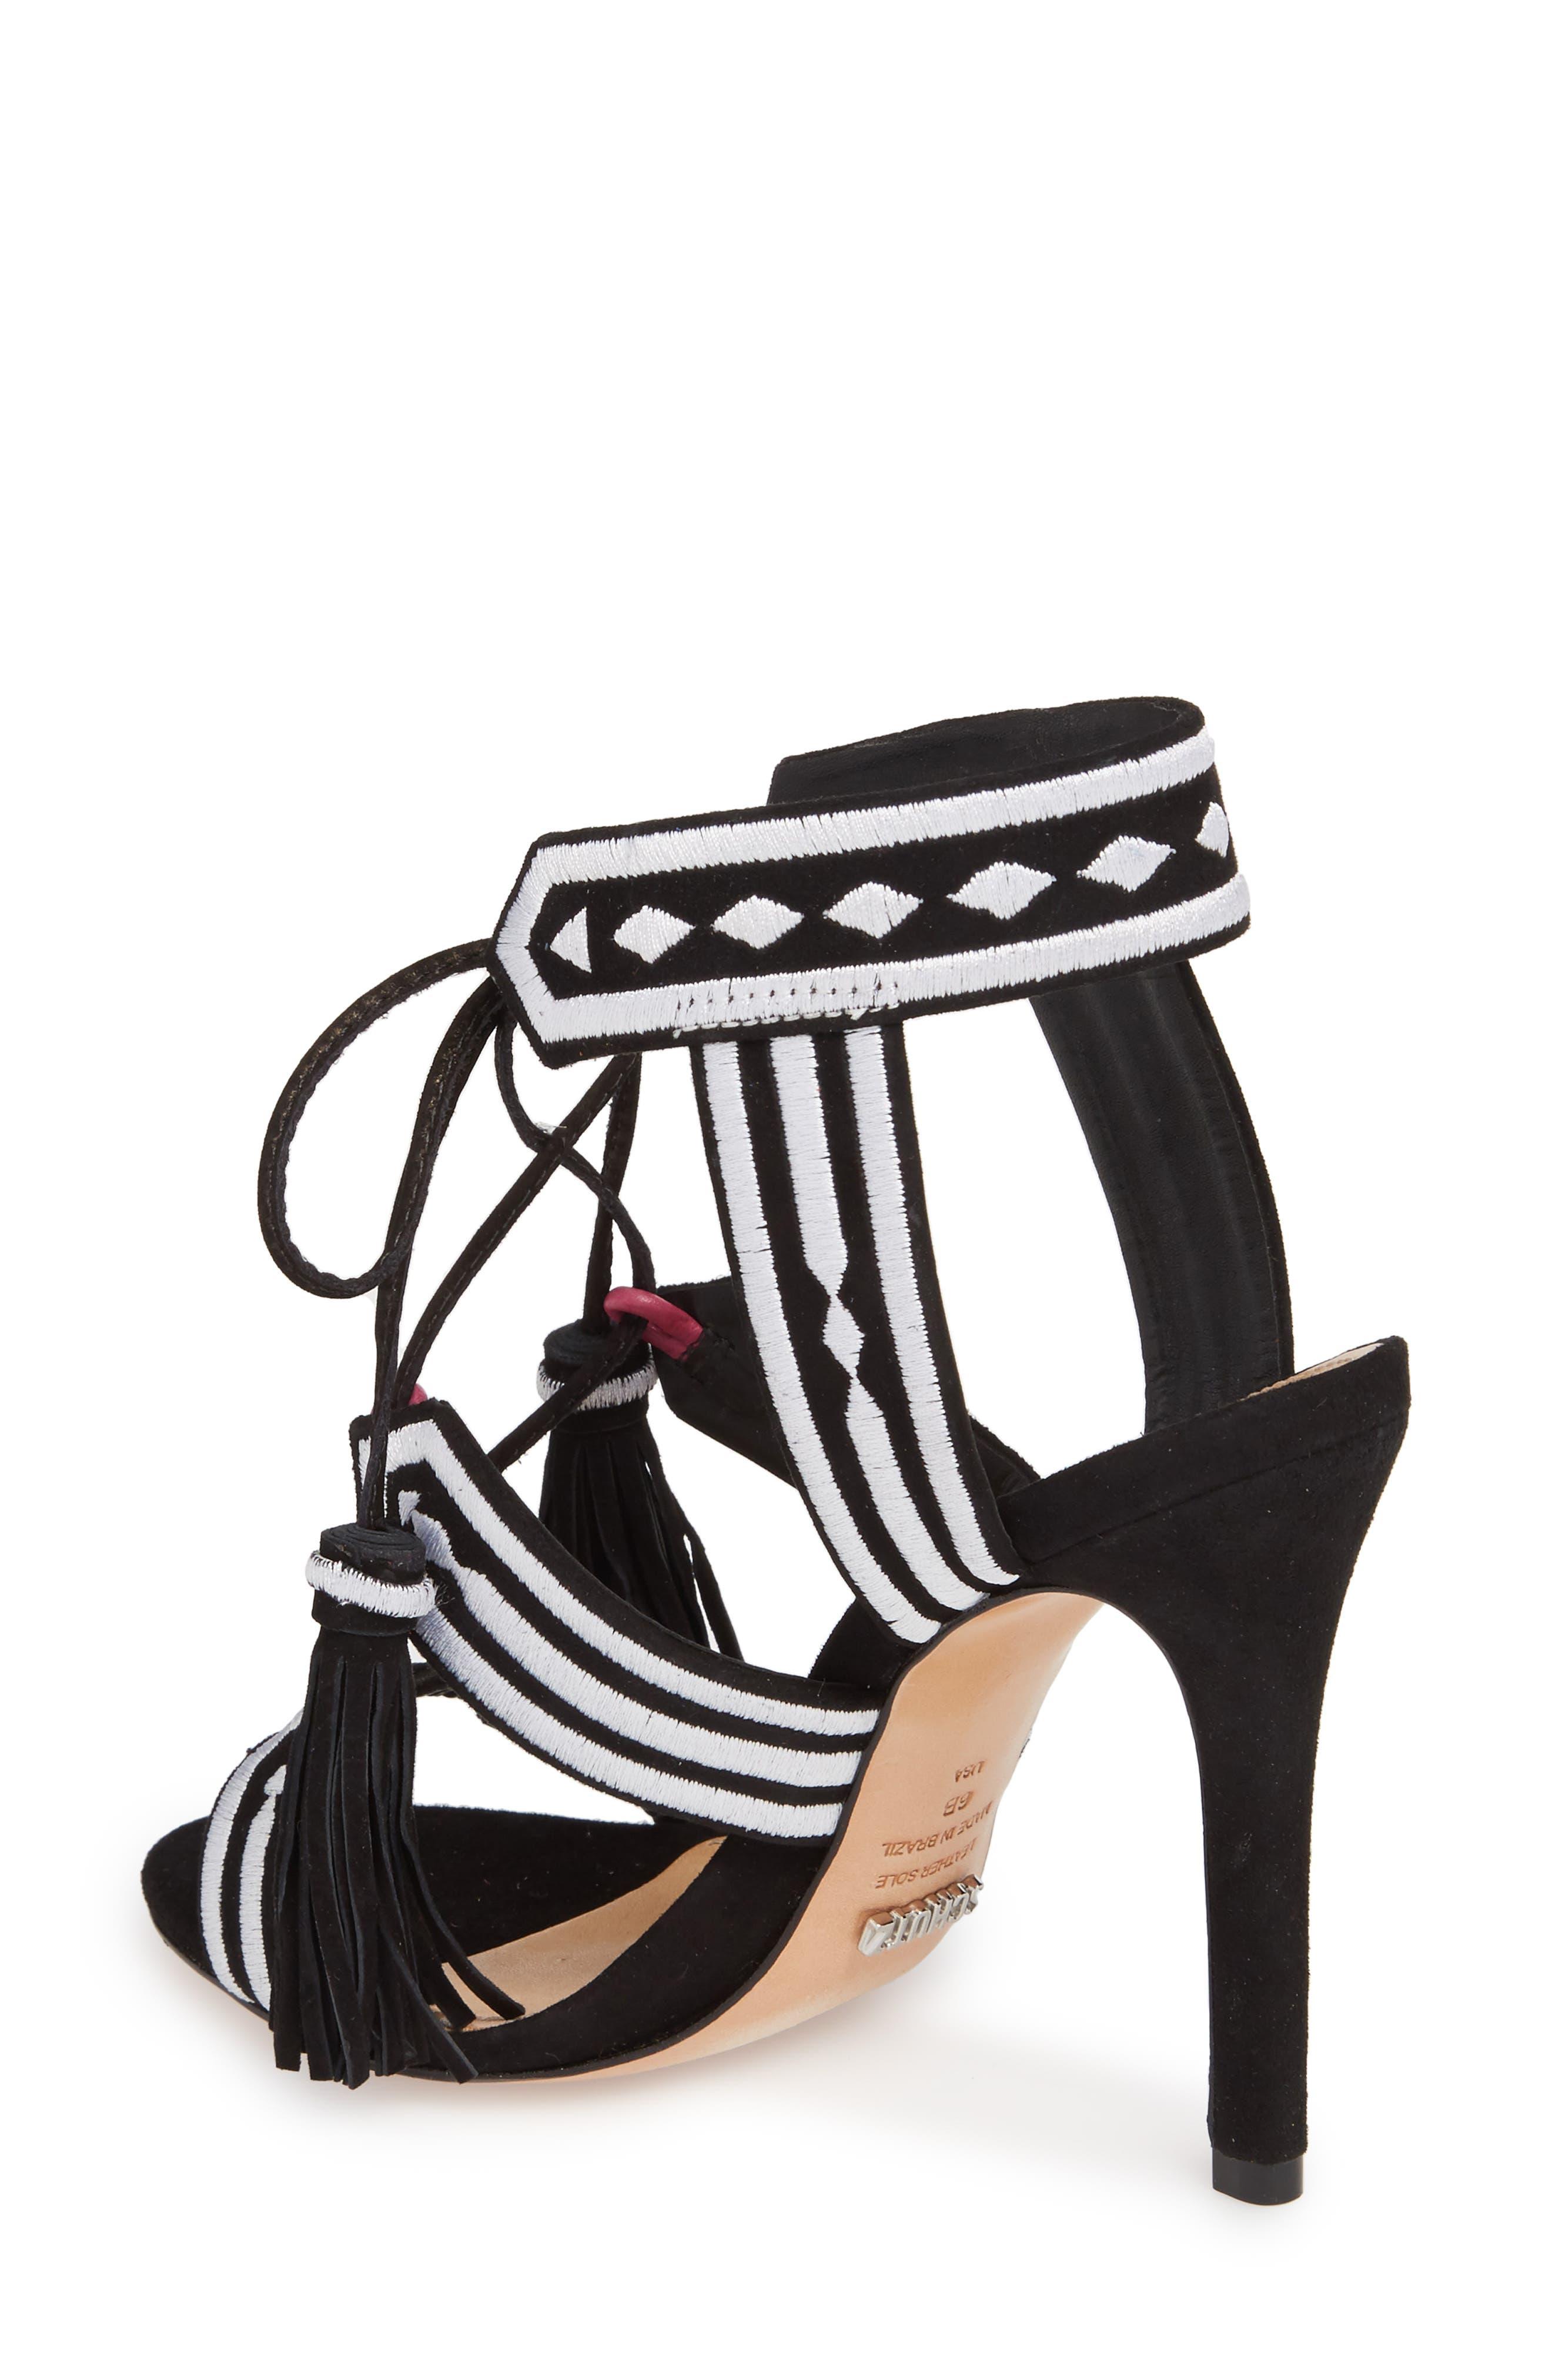 Eurica Embroidered Tassel Sandal,                             Alternate thumbnail 2, color,                             001